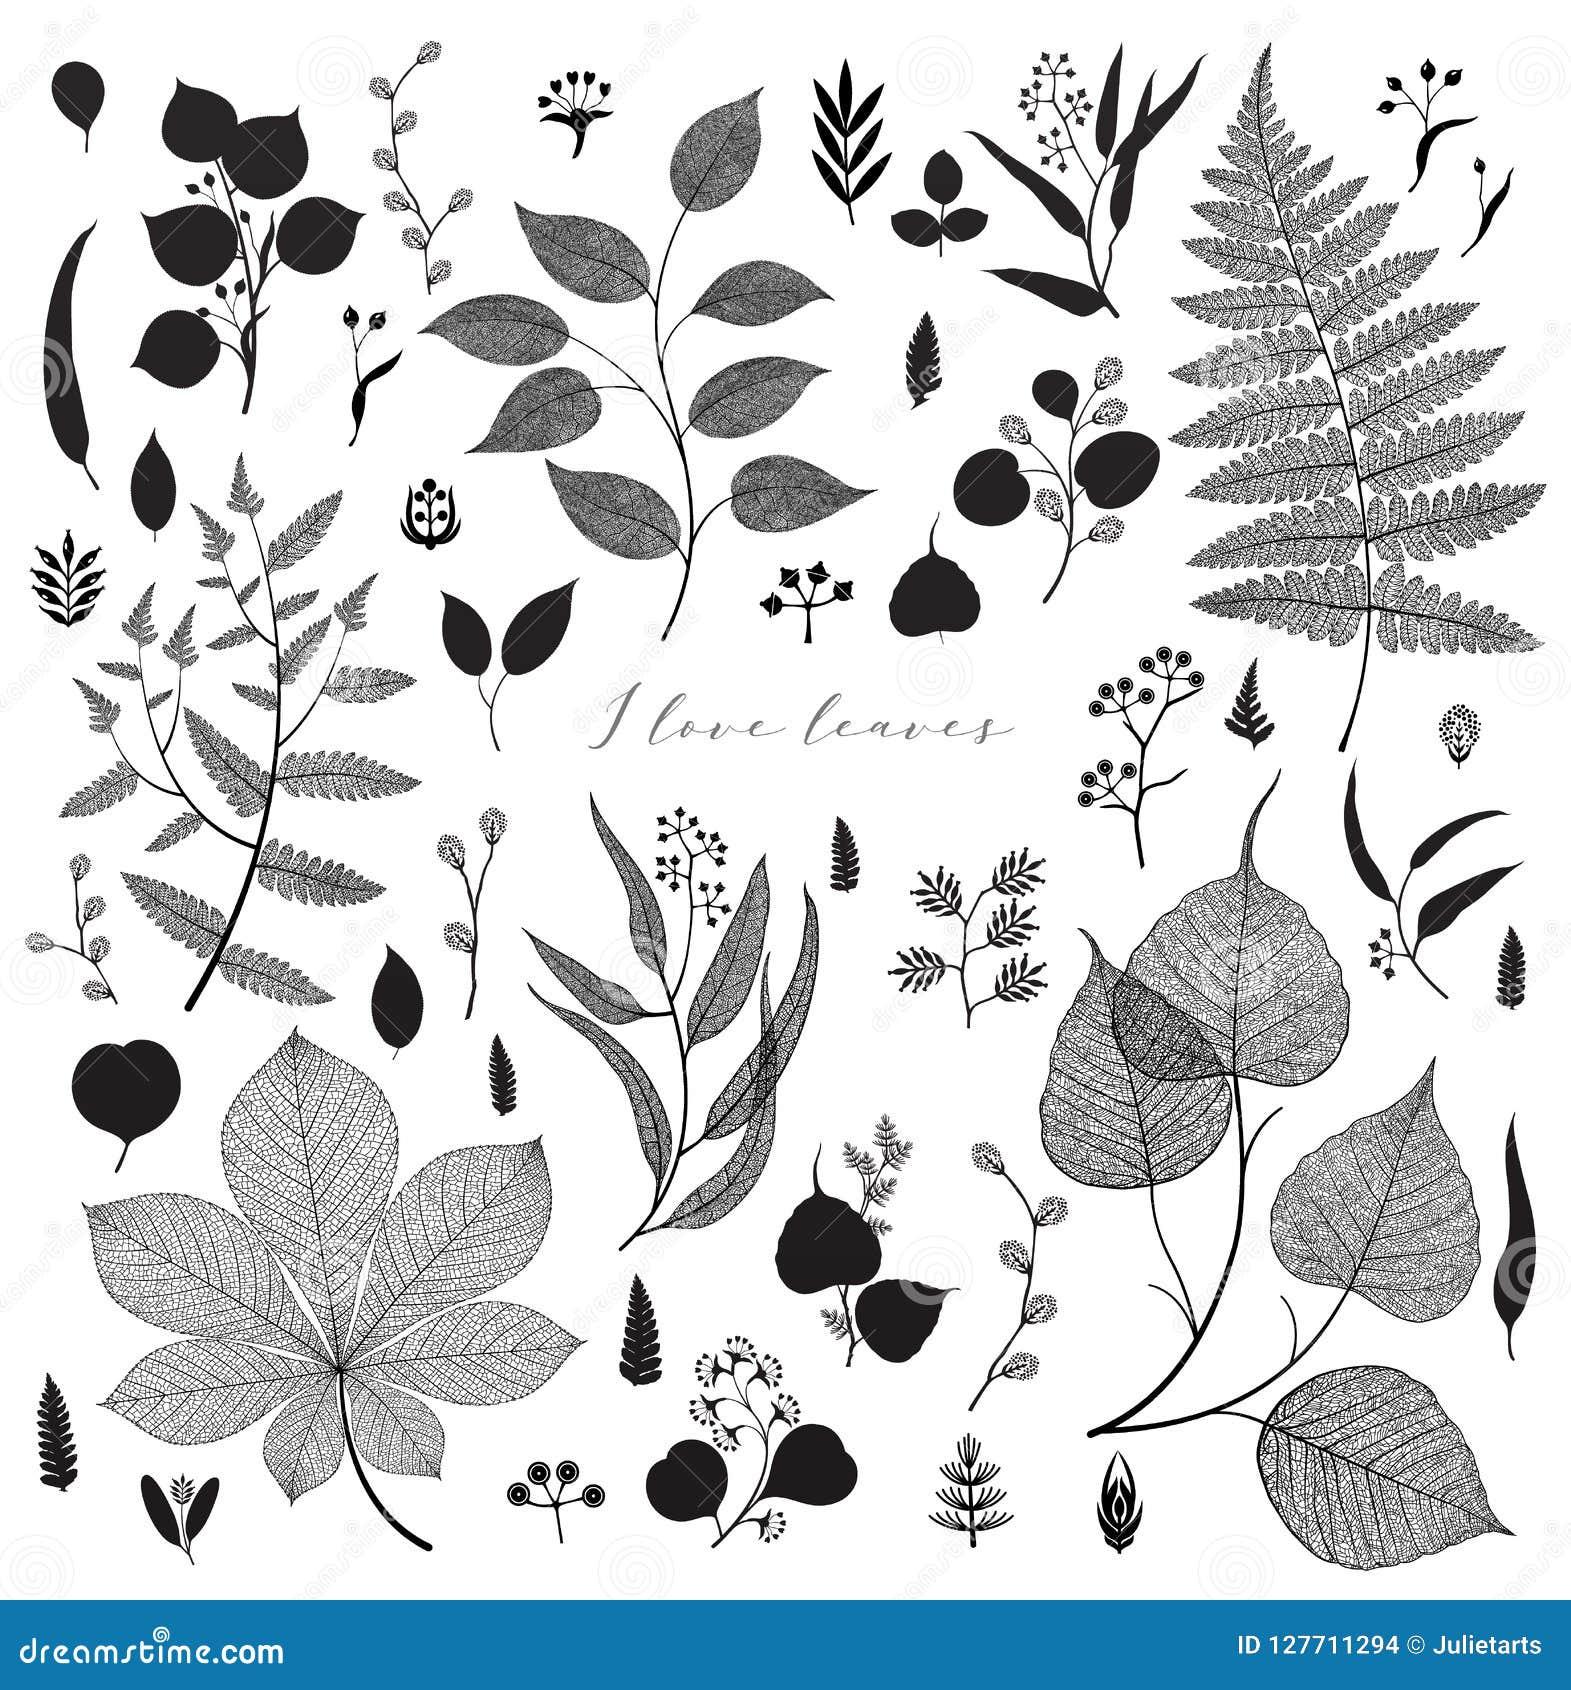 Big set of branches and leaves, fall, spring, summer. Vintage vector botanical illustration, floral elements in black design